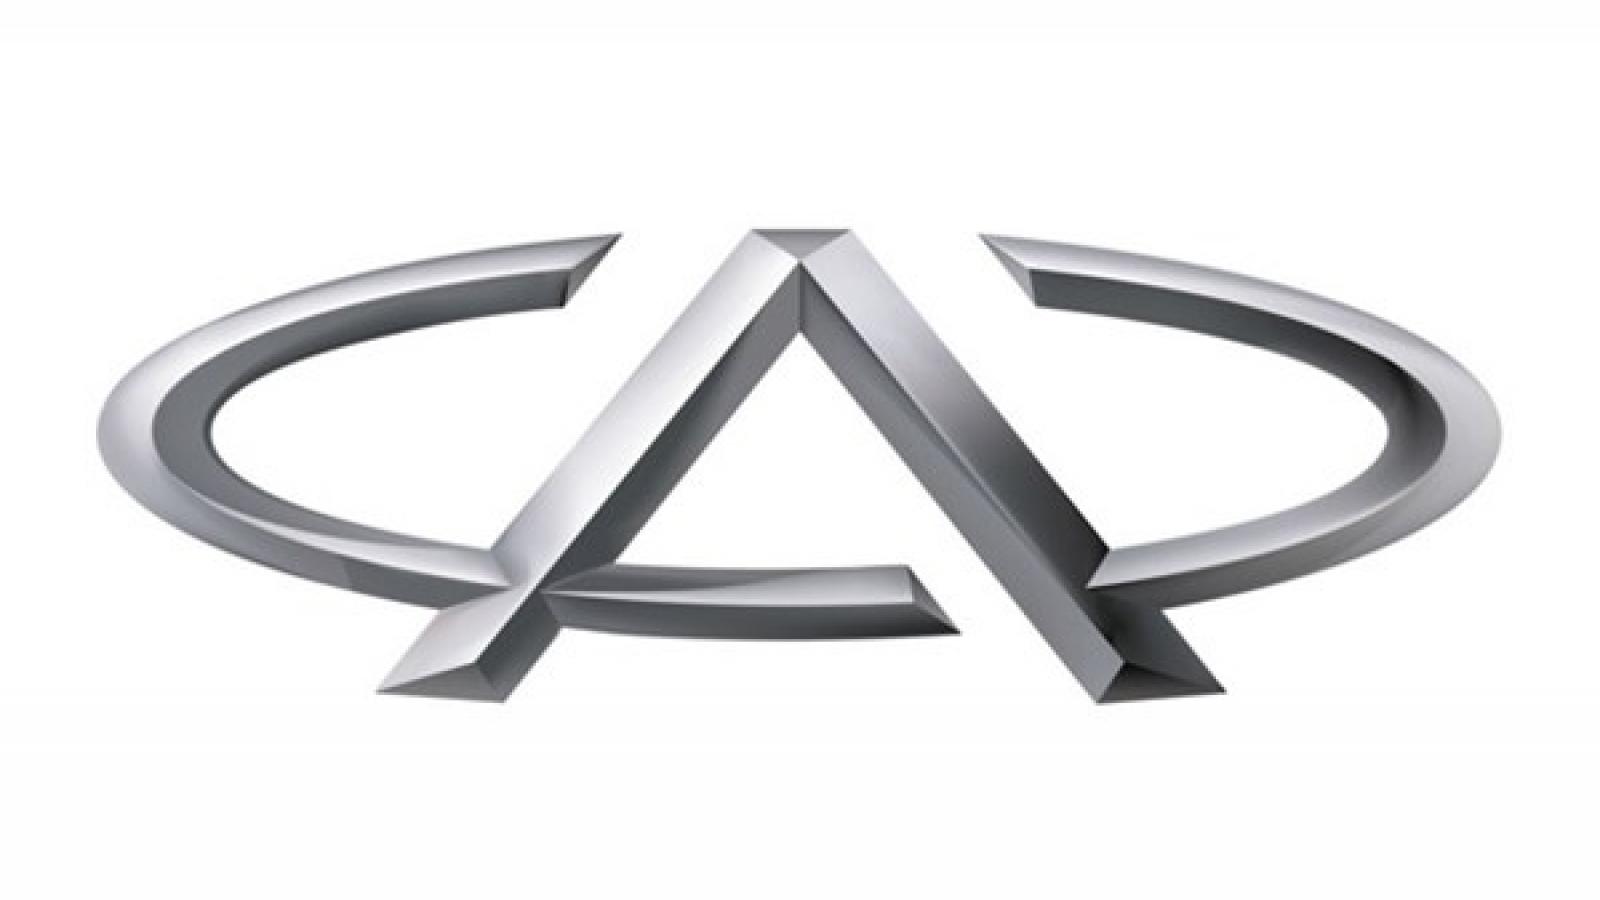 معرفی چری آریزو 5 ادامه یک حرکت بین المللی است - اجاره خودرو طباطبایی